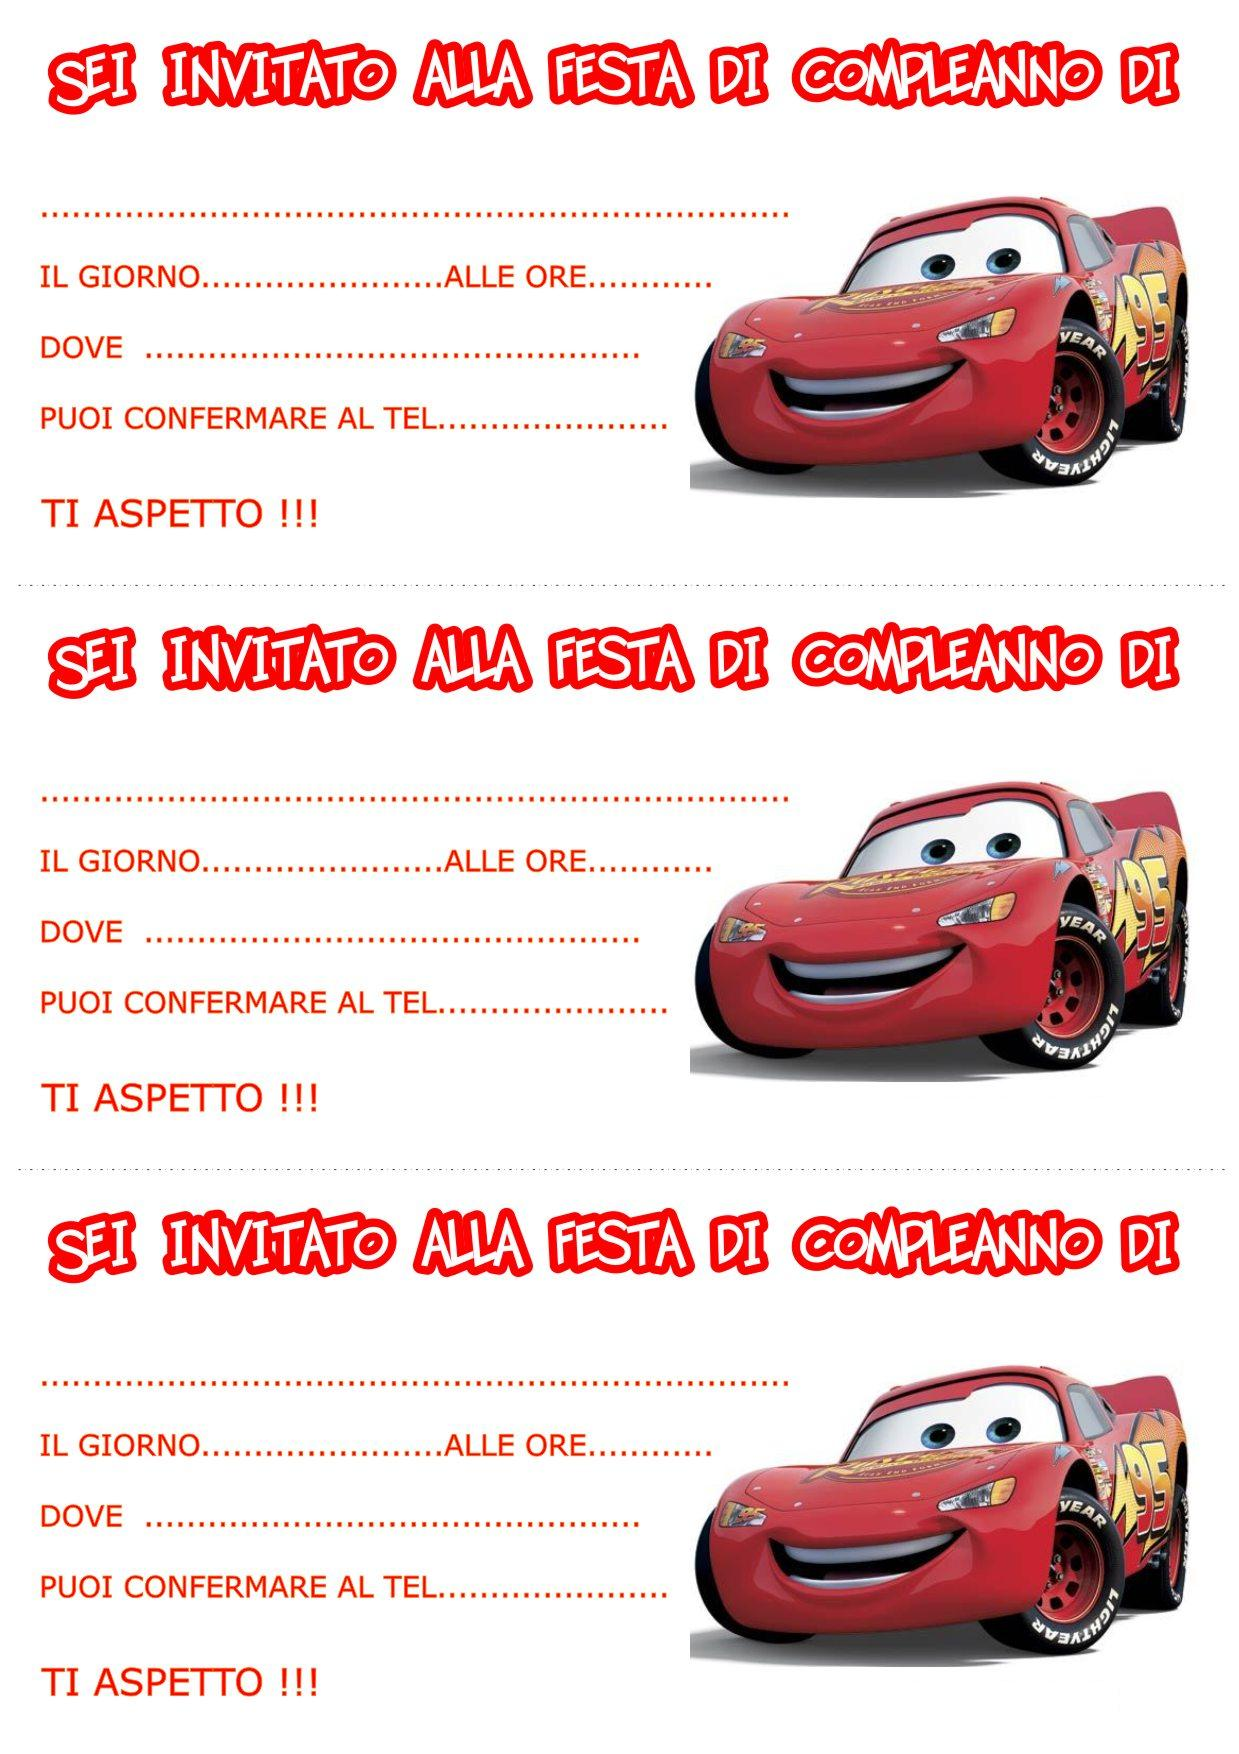 Molto biglietti-invito-compleanni-cars mod - Bimbi di Carta WX69